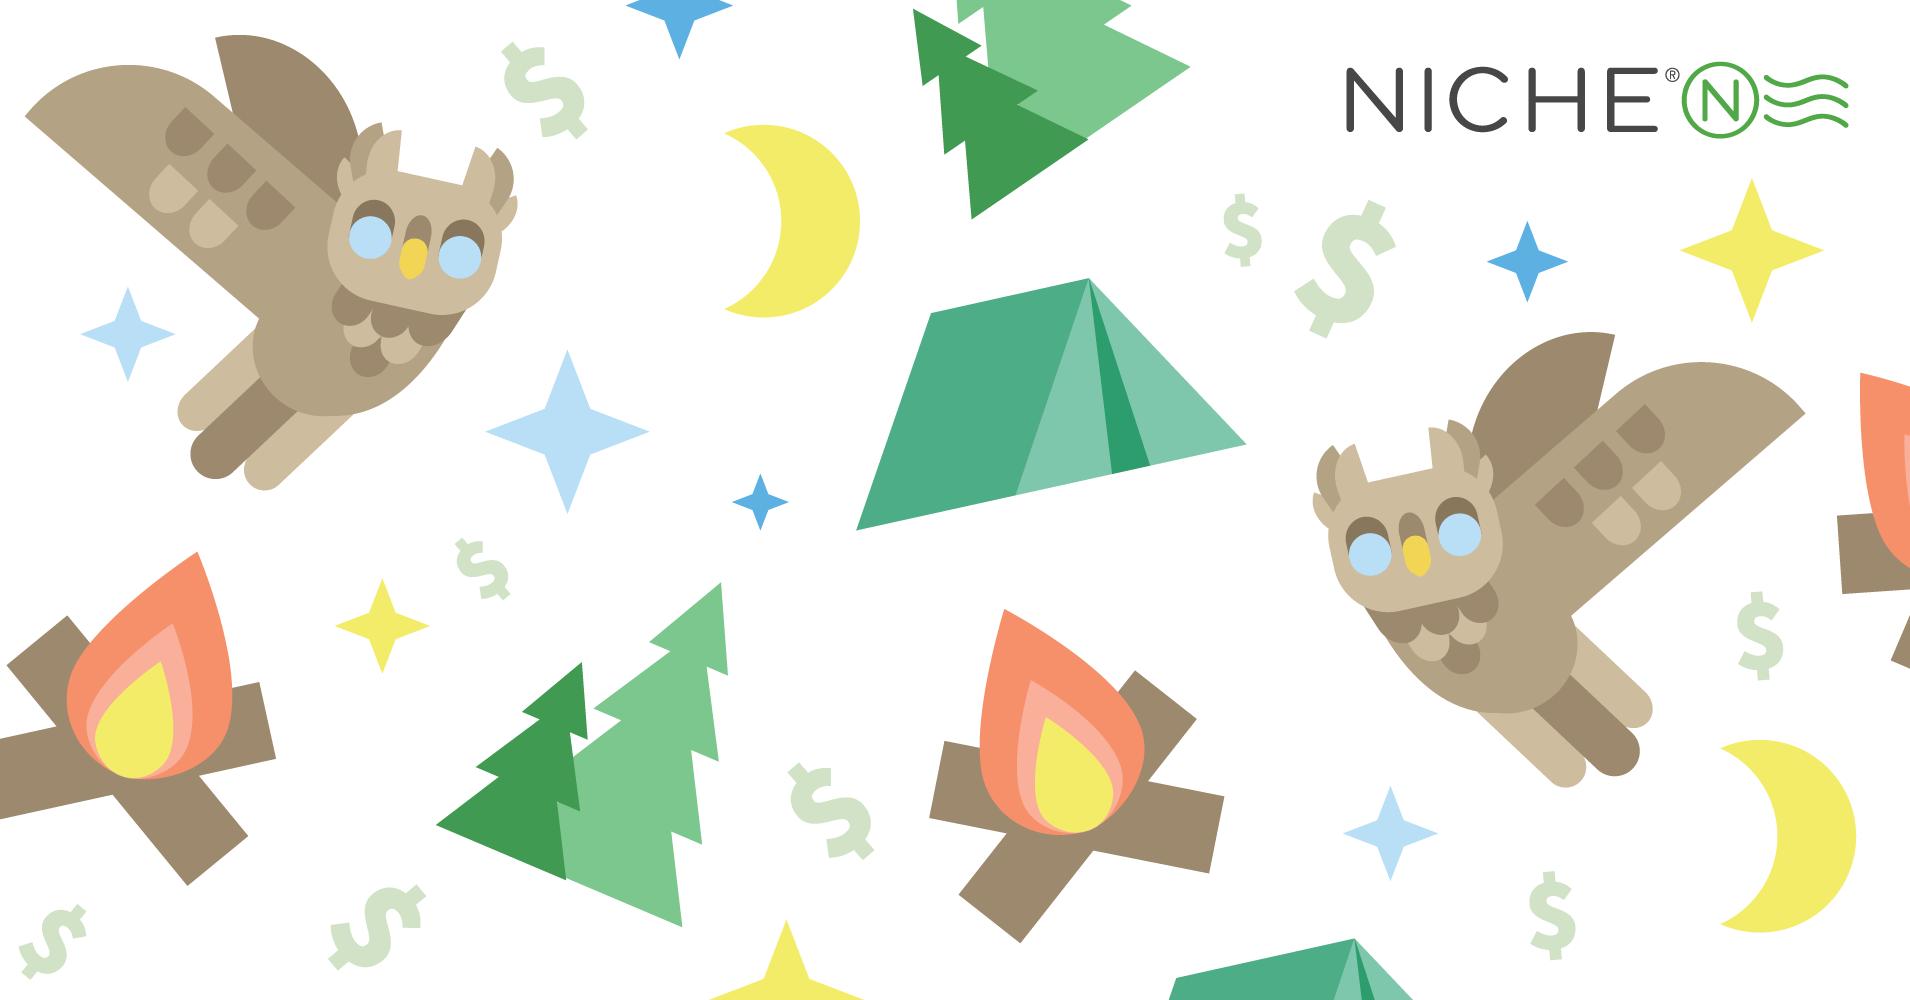 $1,000 August Scholarship - Niche